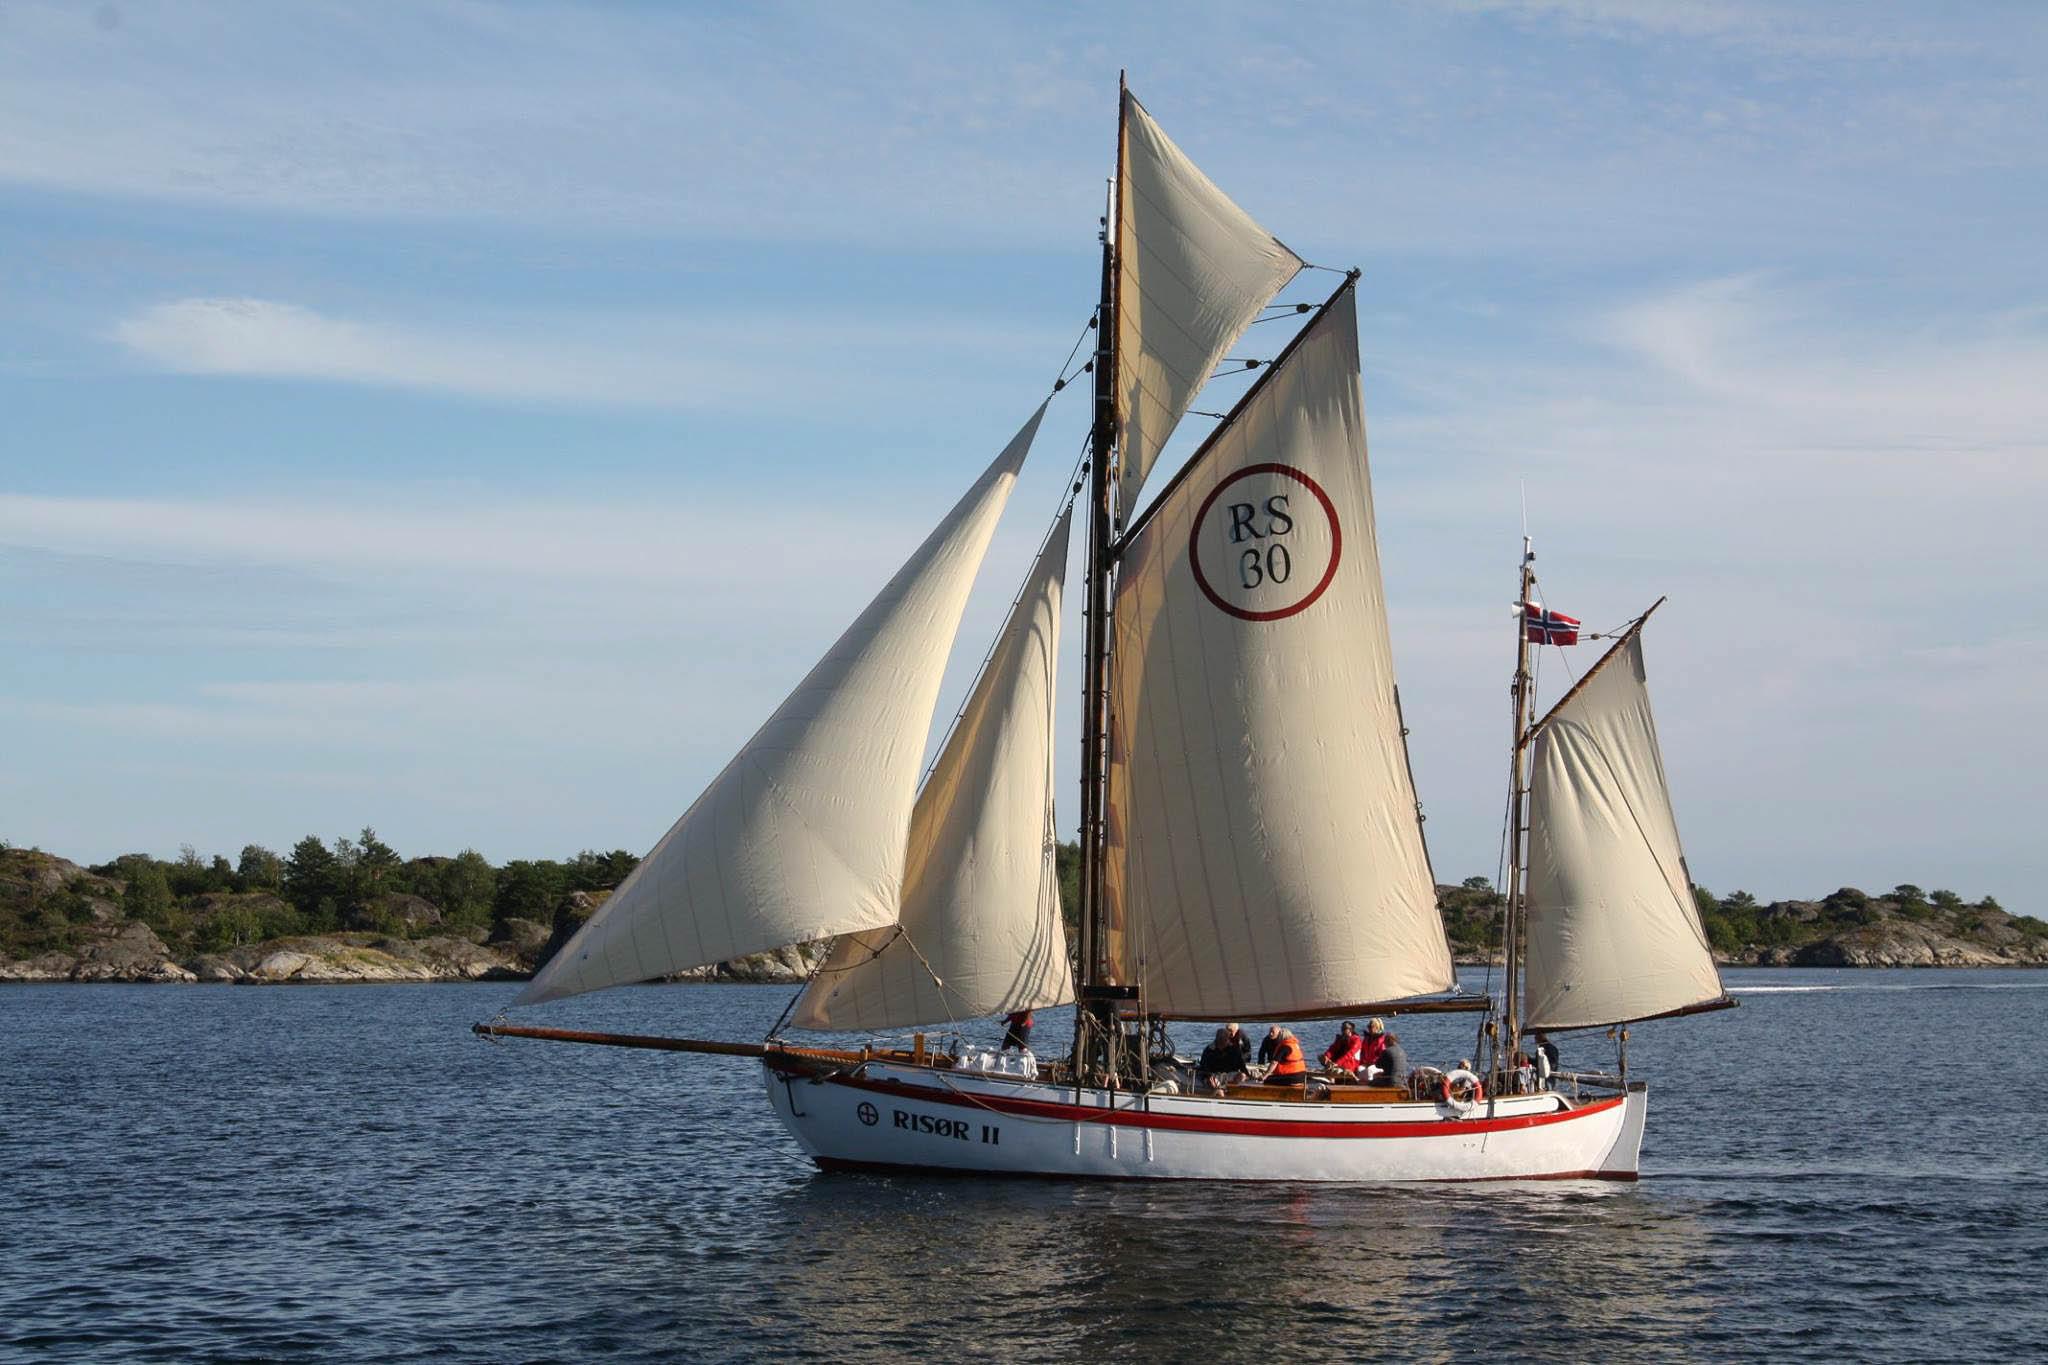 Sailboat Risør II